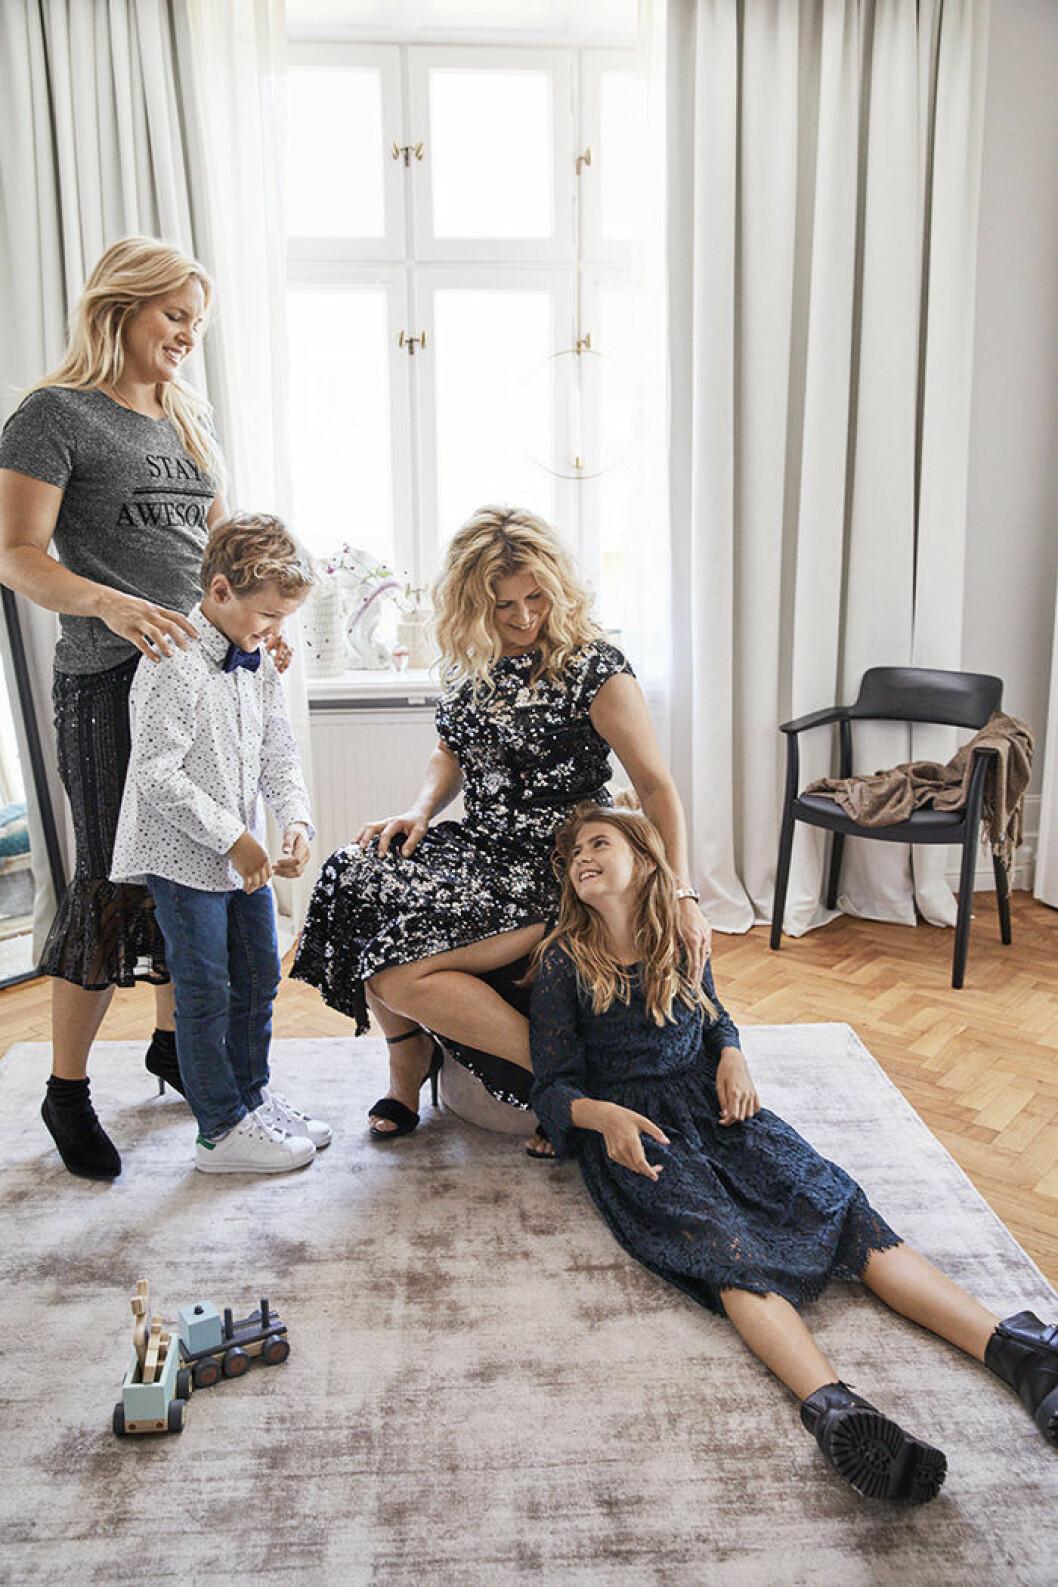 Anja Pärsson och Filippas kollektion för ellos innehåller bekväma och festliga plagg